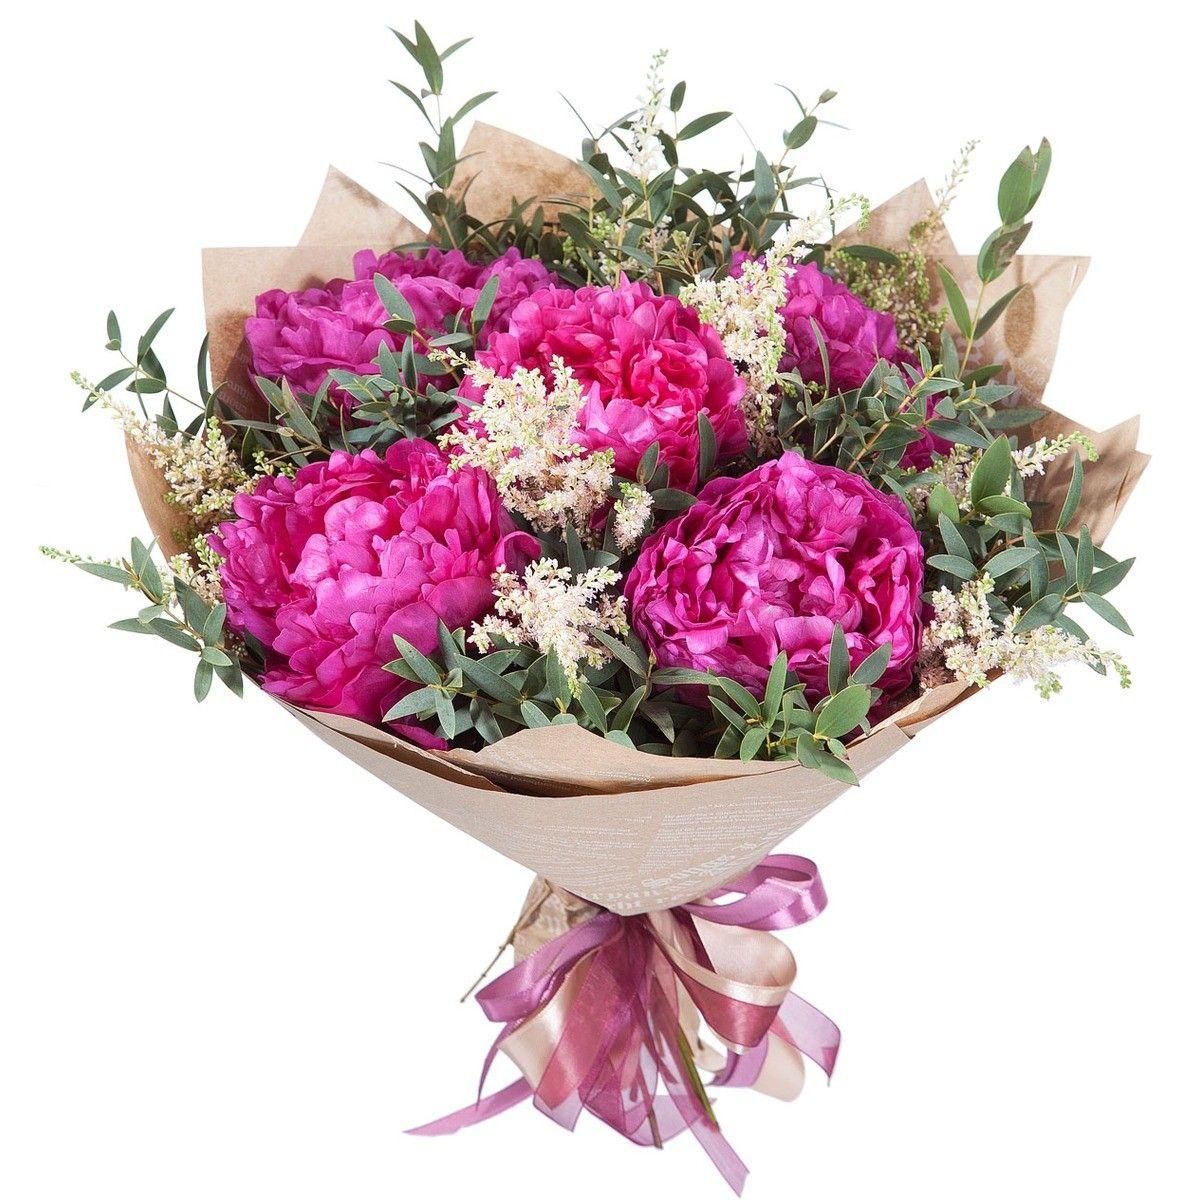 Точная доставка цветов москва недорого, восьмое марта